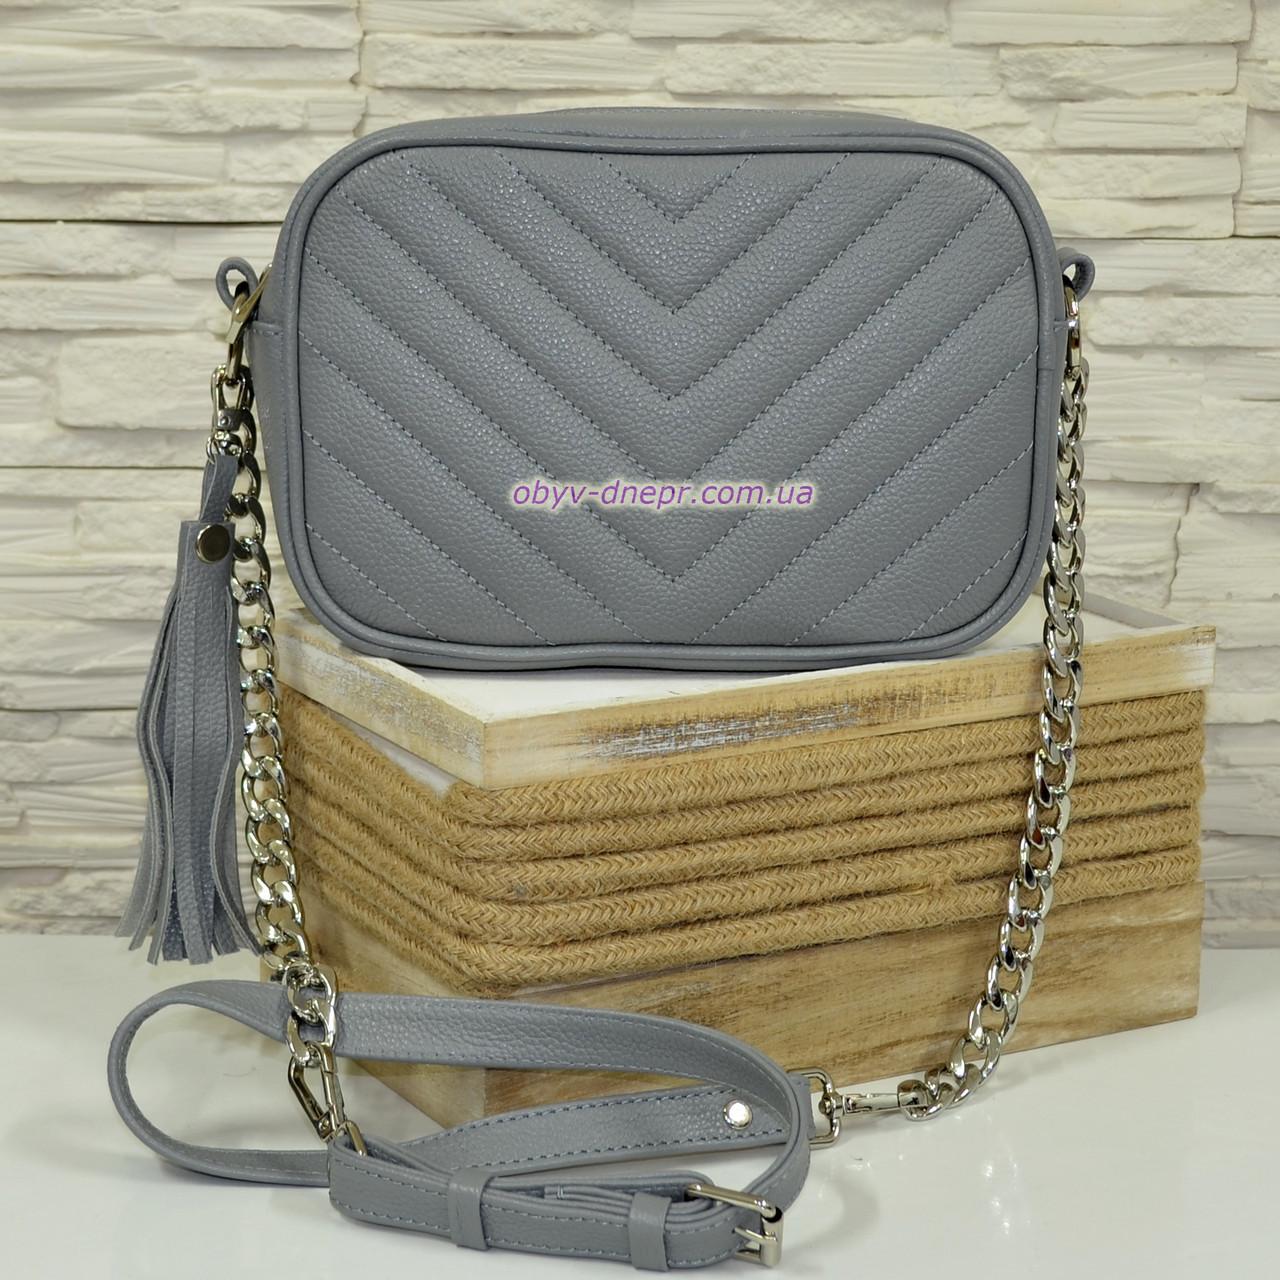 Женская сумка из натуральной кожи серого цвета. Производство Украина